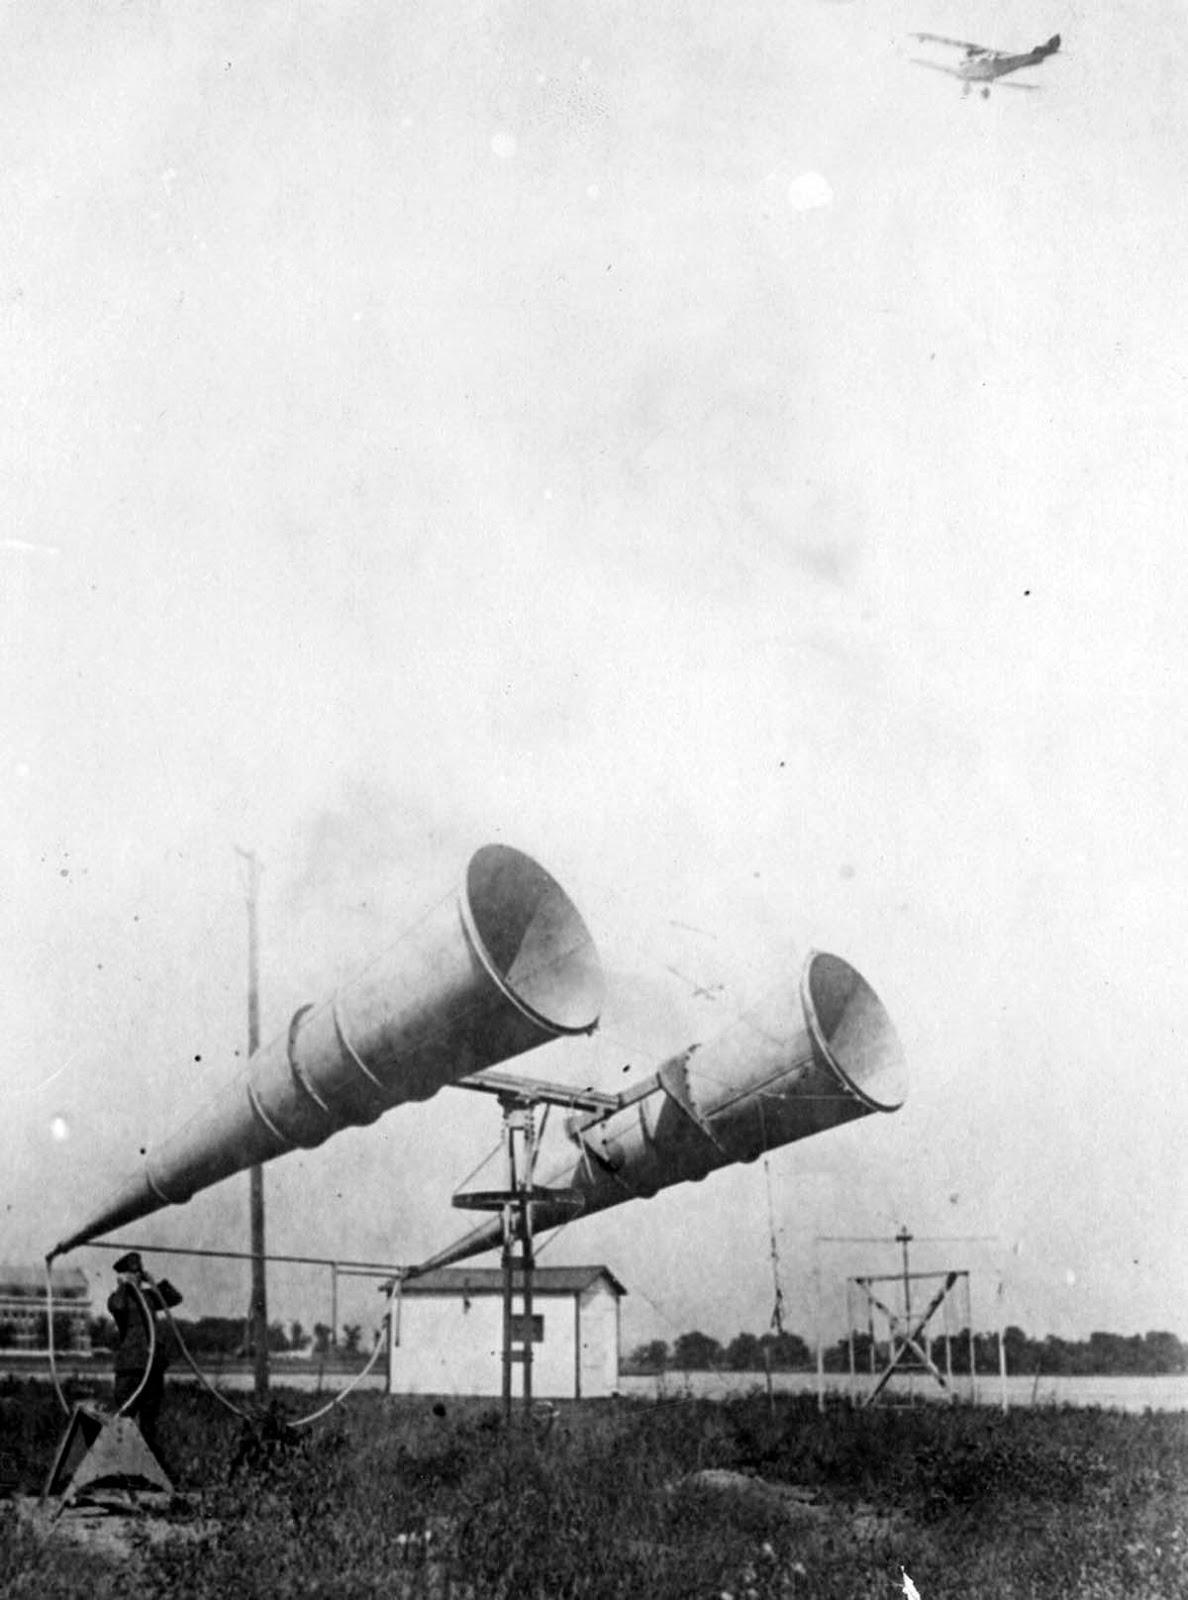 Un par de enormes amplificadores utilizados por el Servicio Aéreo Naval de los EE. UU. Para localizar y contactar aviones de día y de noche. 1925